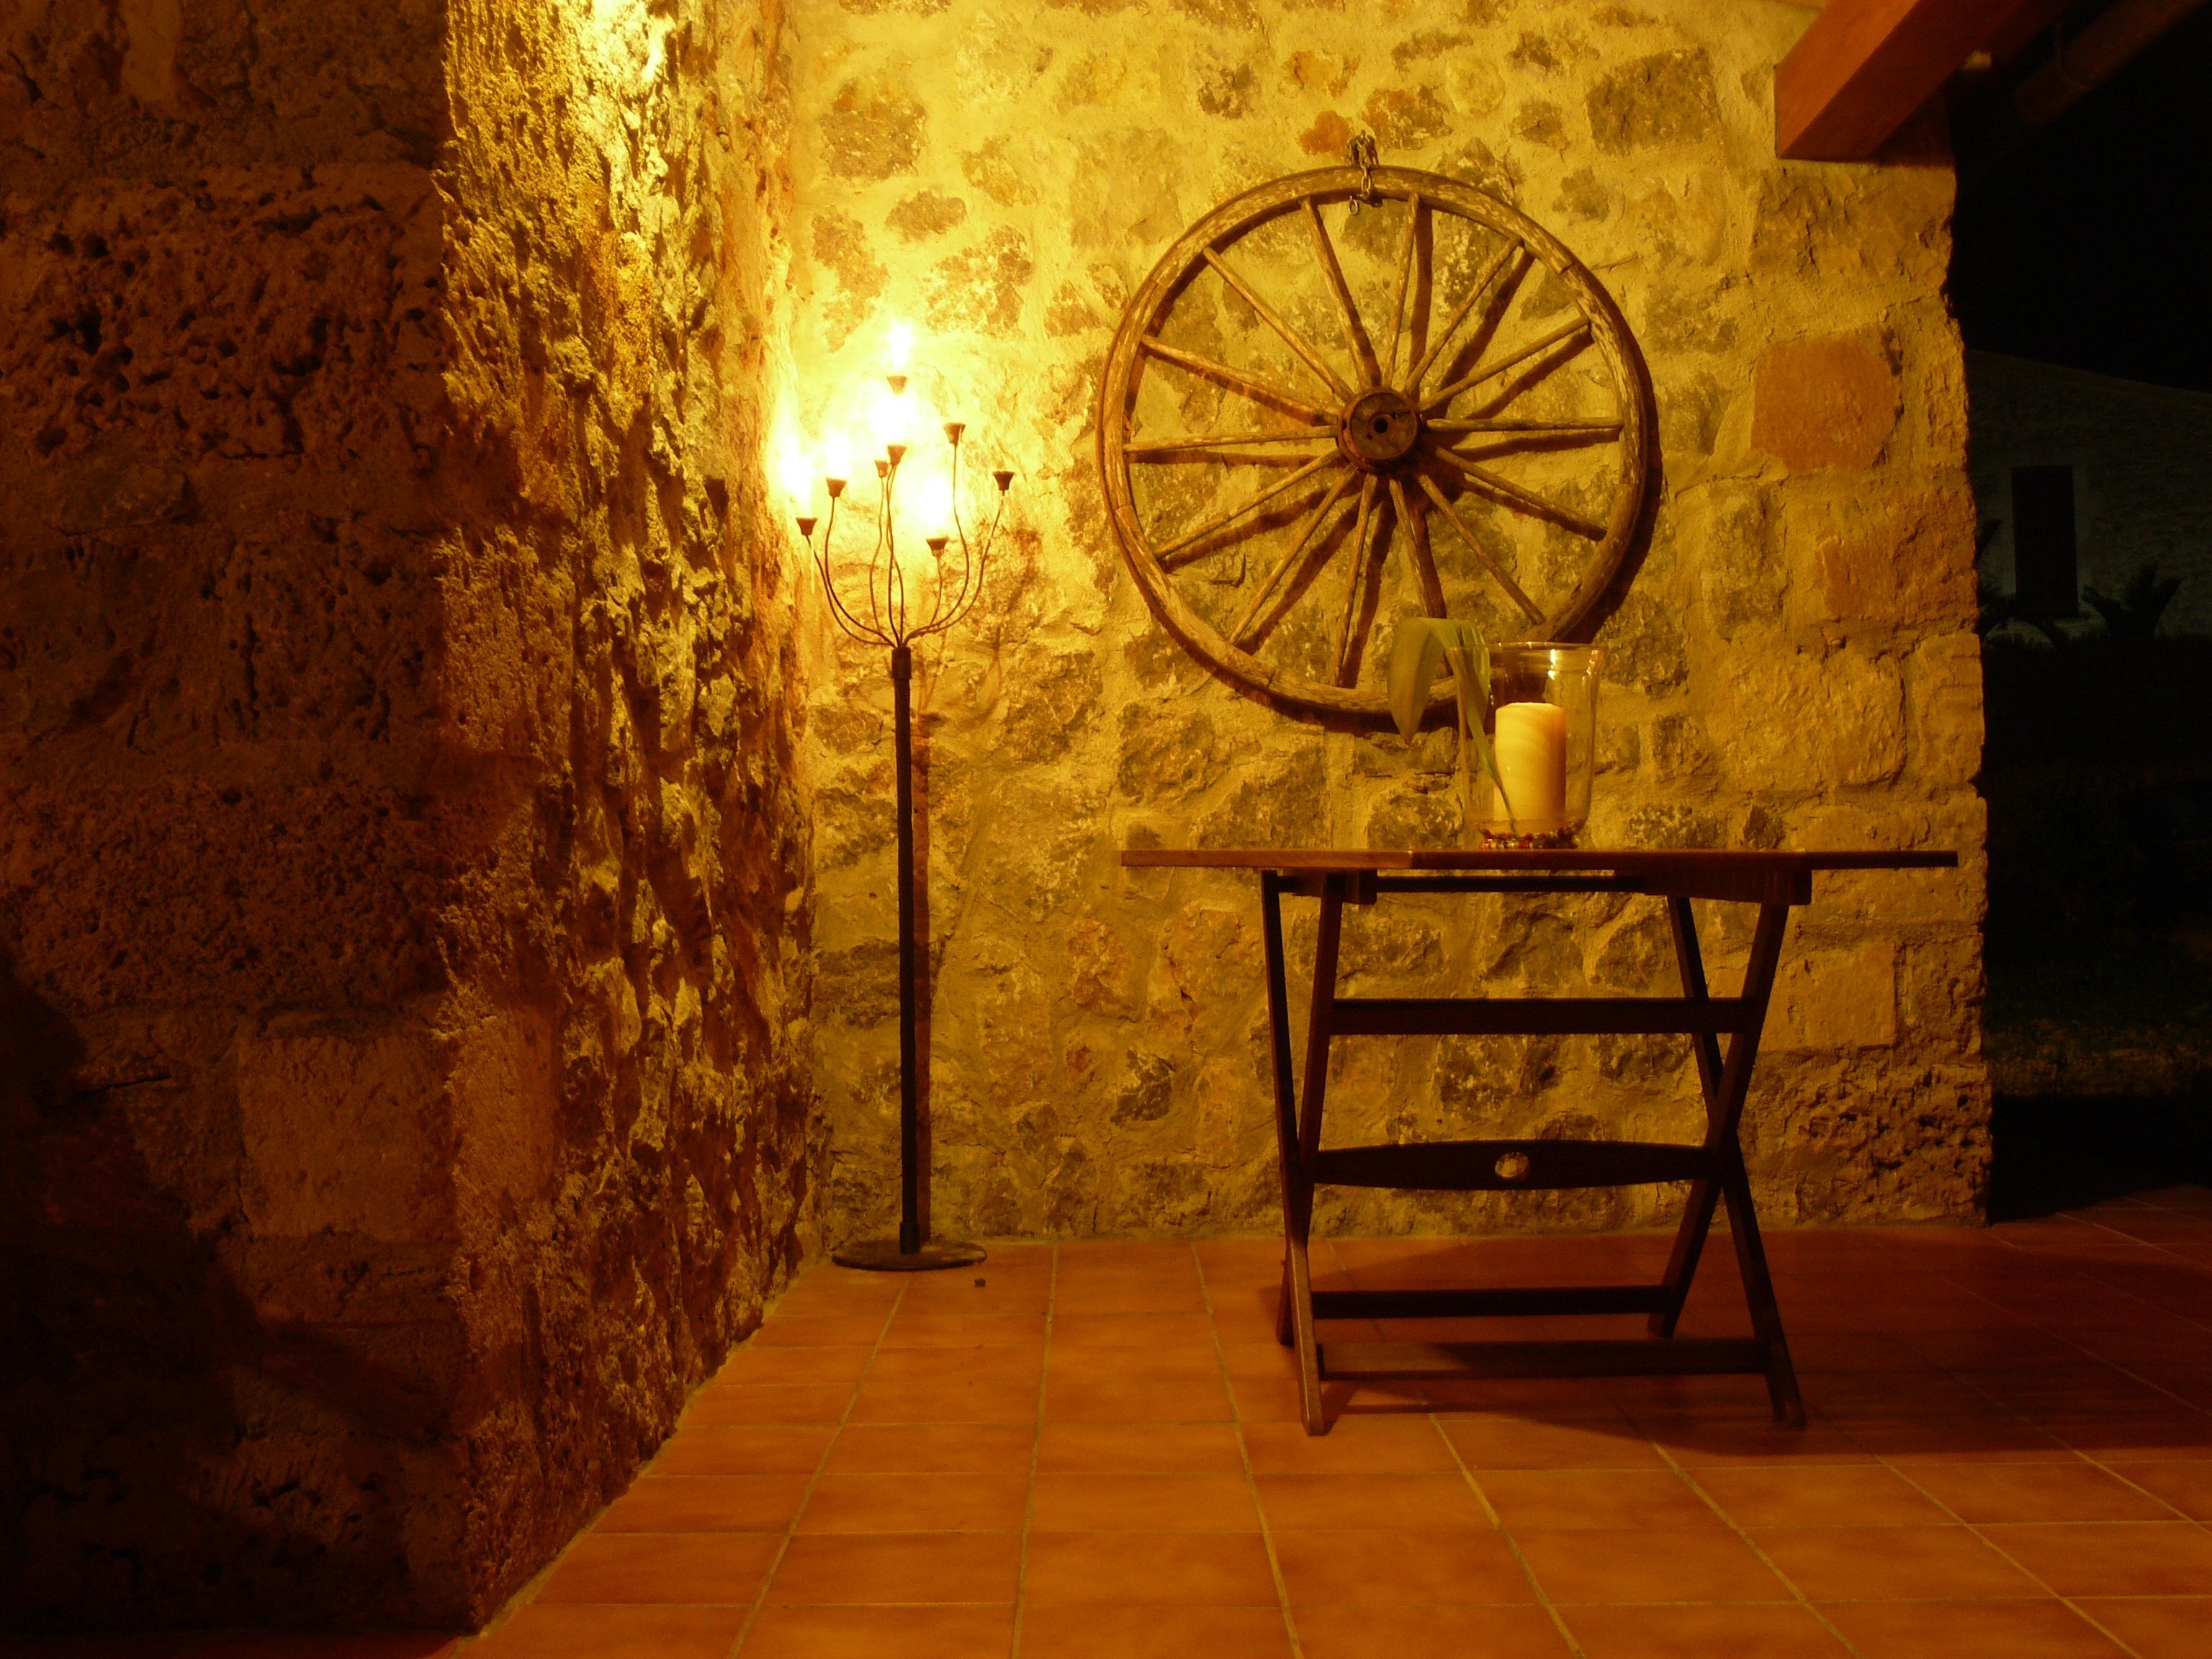 images gratuites table lumi re architecture bois nuit roue b timent atmosph re maison. Black Bedroom Furniture Sets. Home Design Ideas